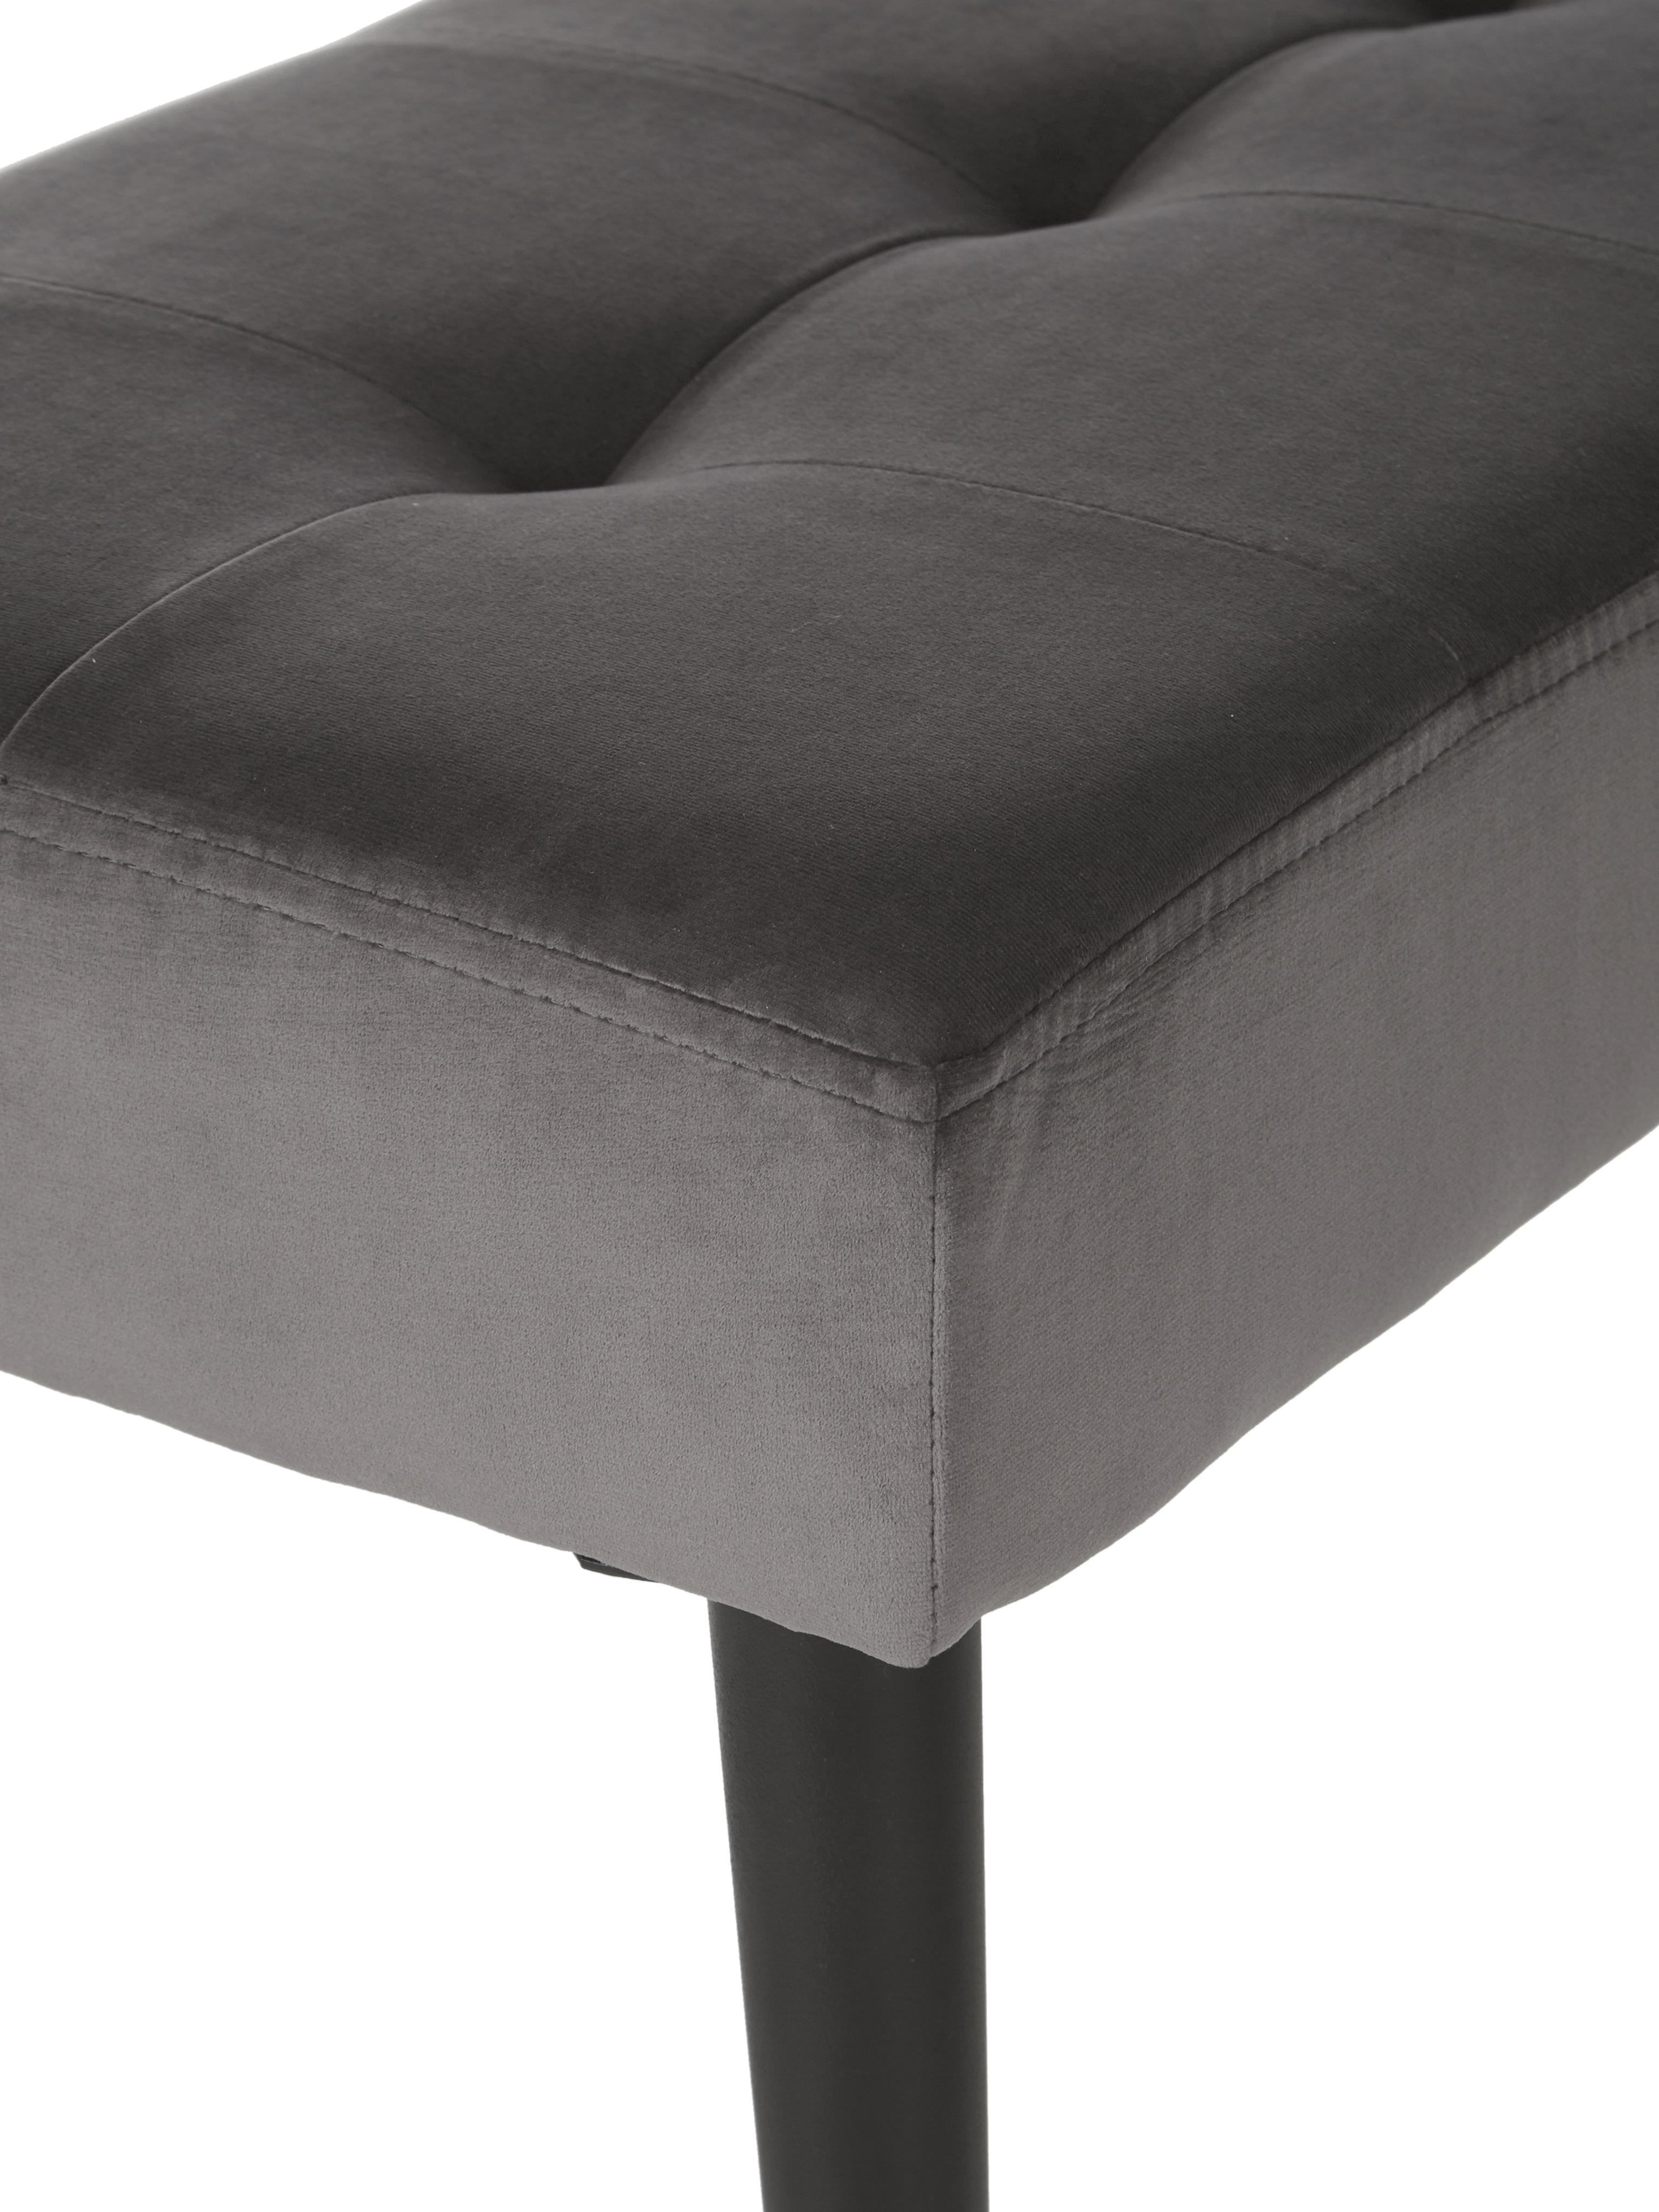 Samt-Sitzbank Glory, Bezug: Polyestersamt 25.000 Sche, Gestell: Metall, pulverbeschichtet, Dunkelgrau, Schwarz, 95 x 45 cm